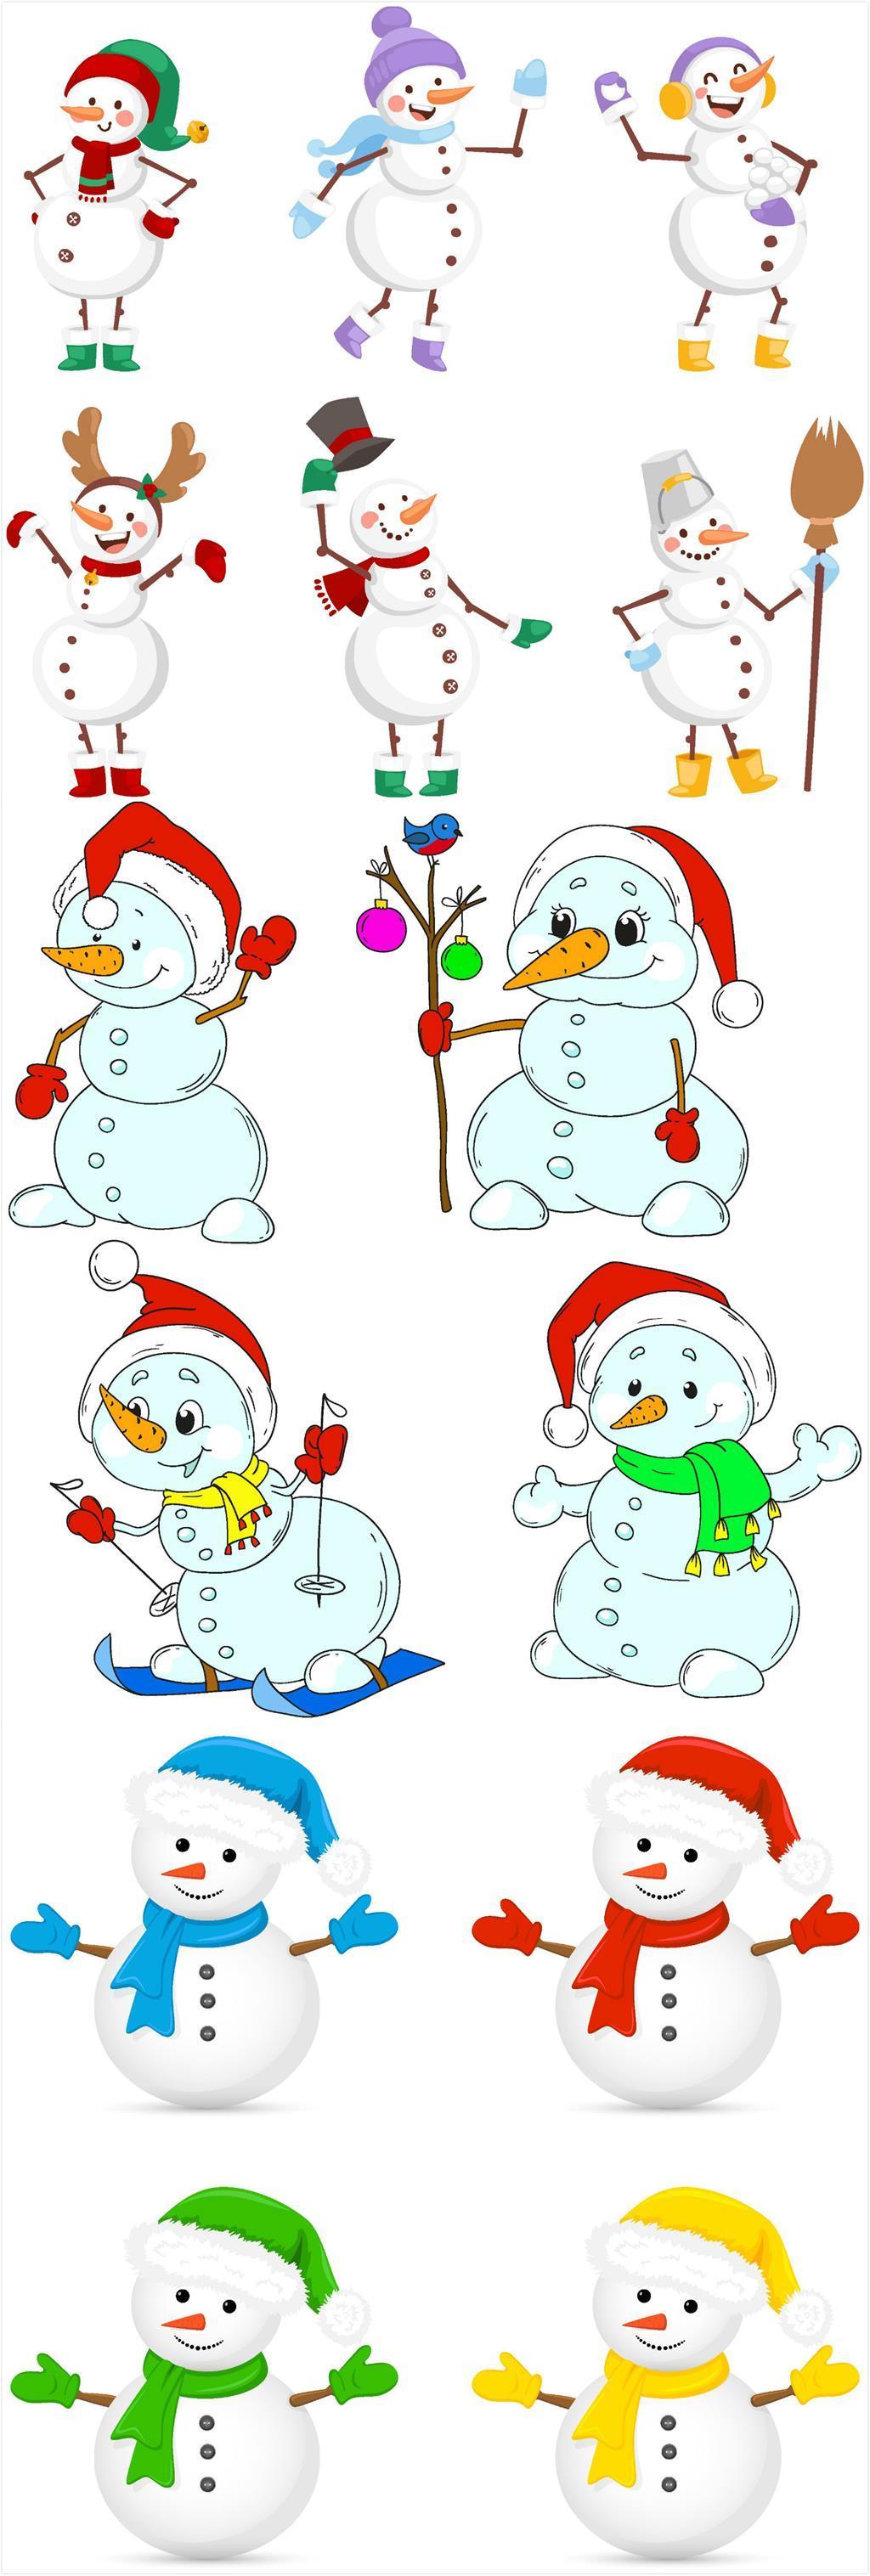 手绘卡通可爱圣诞雪人